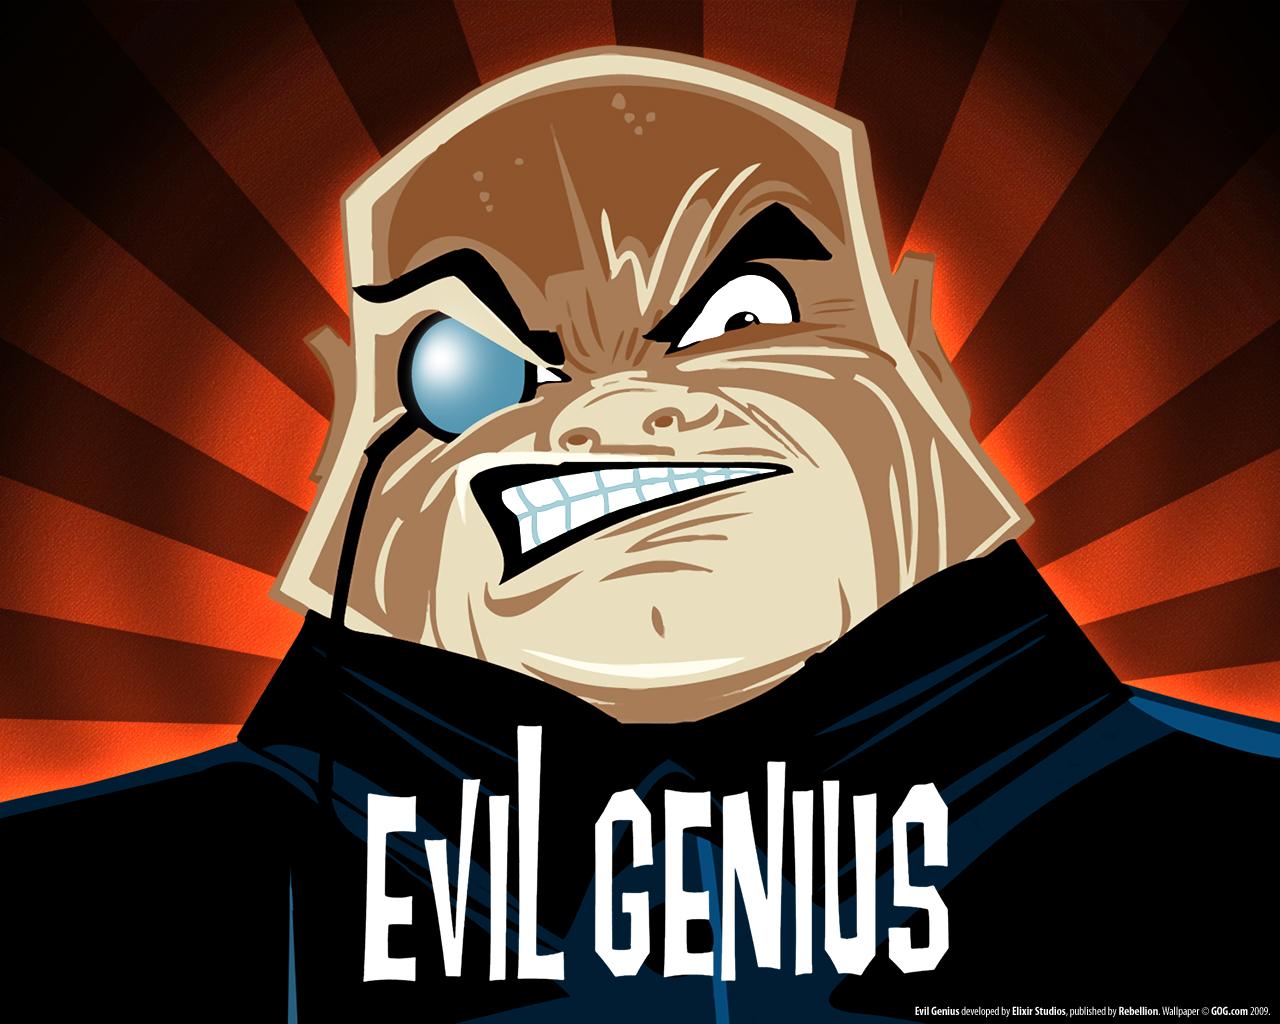 Eureka!: Evil Genius, the Tower Defense game